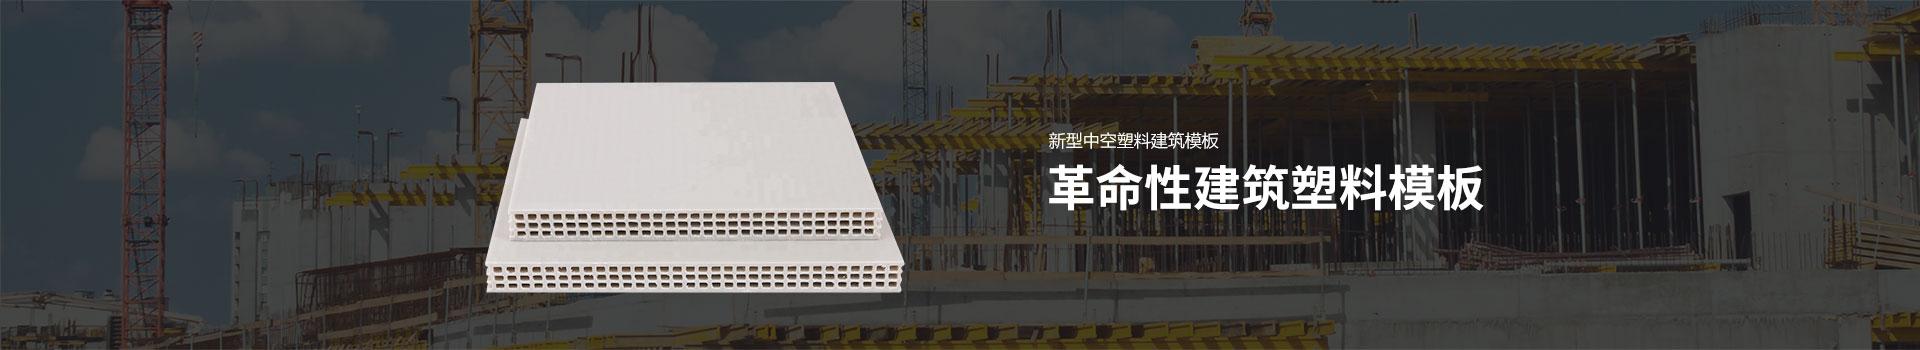 新型中空塑料建筑模板 革命性建筑塑料模板